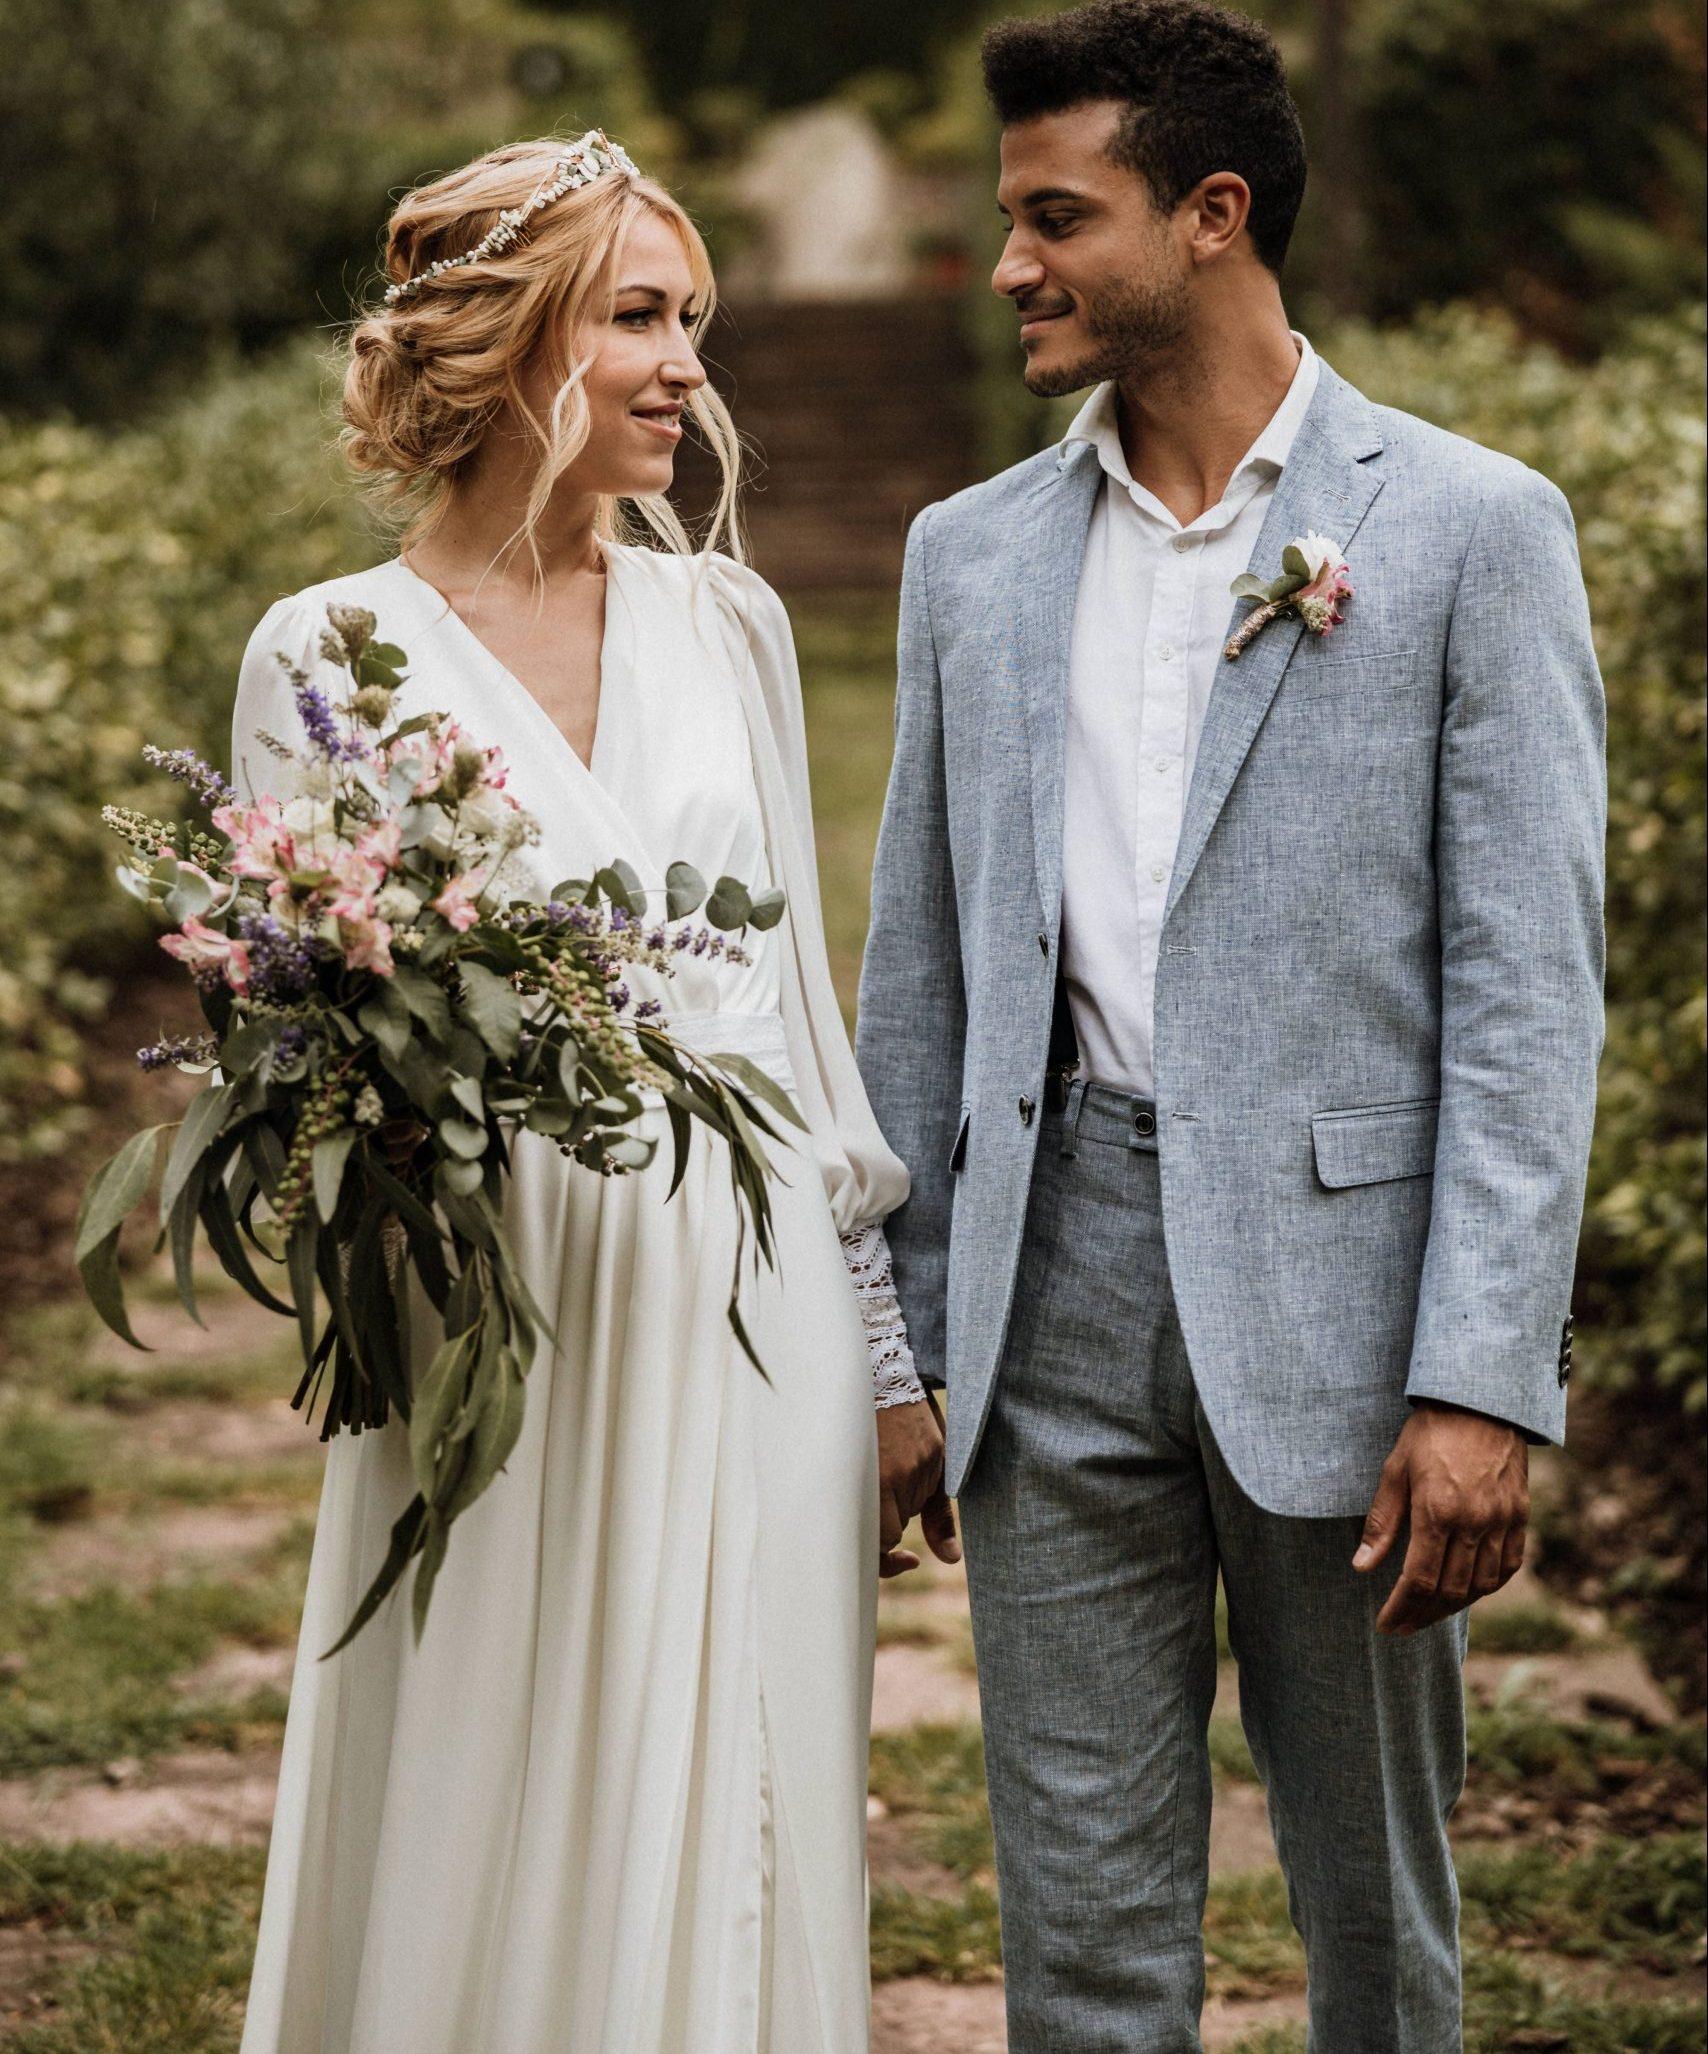 Pareja de camino al altar en boda de día